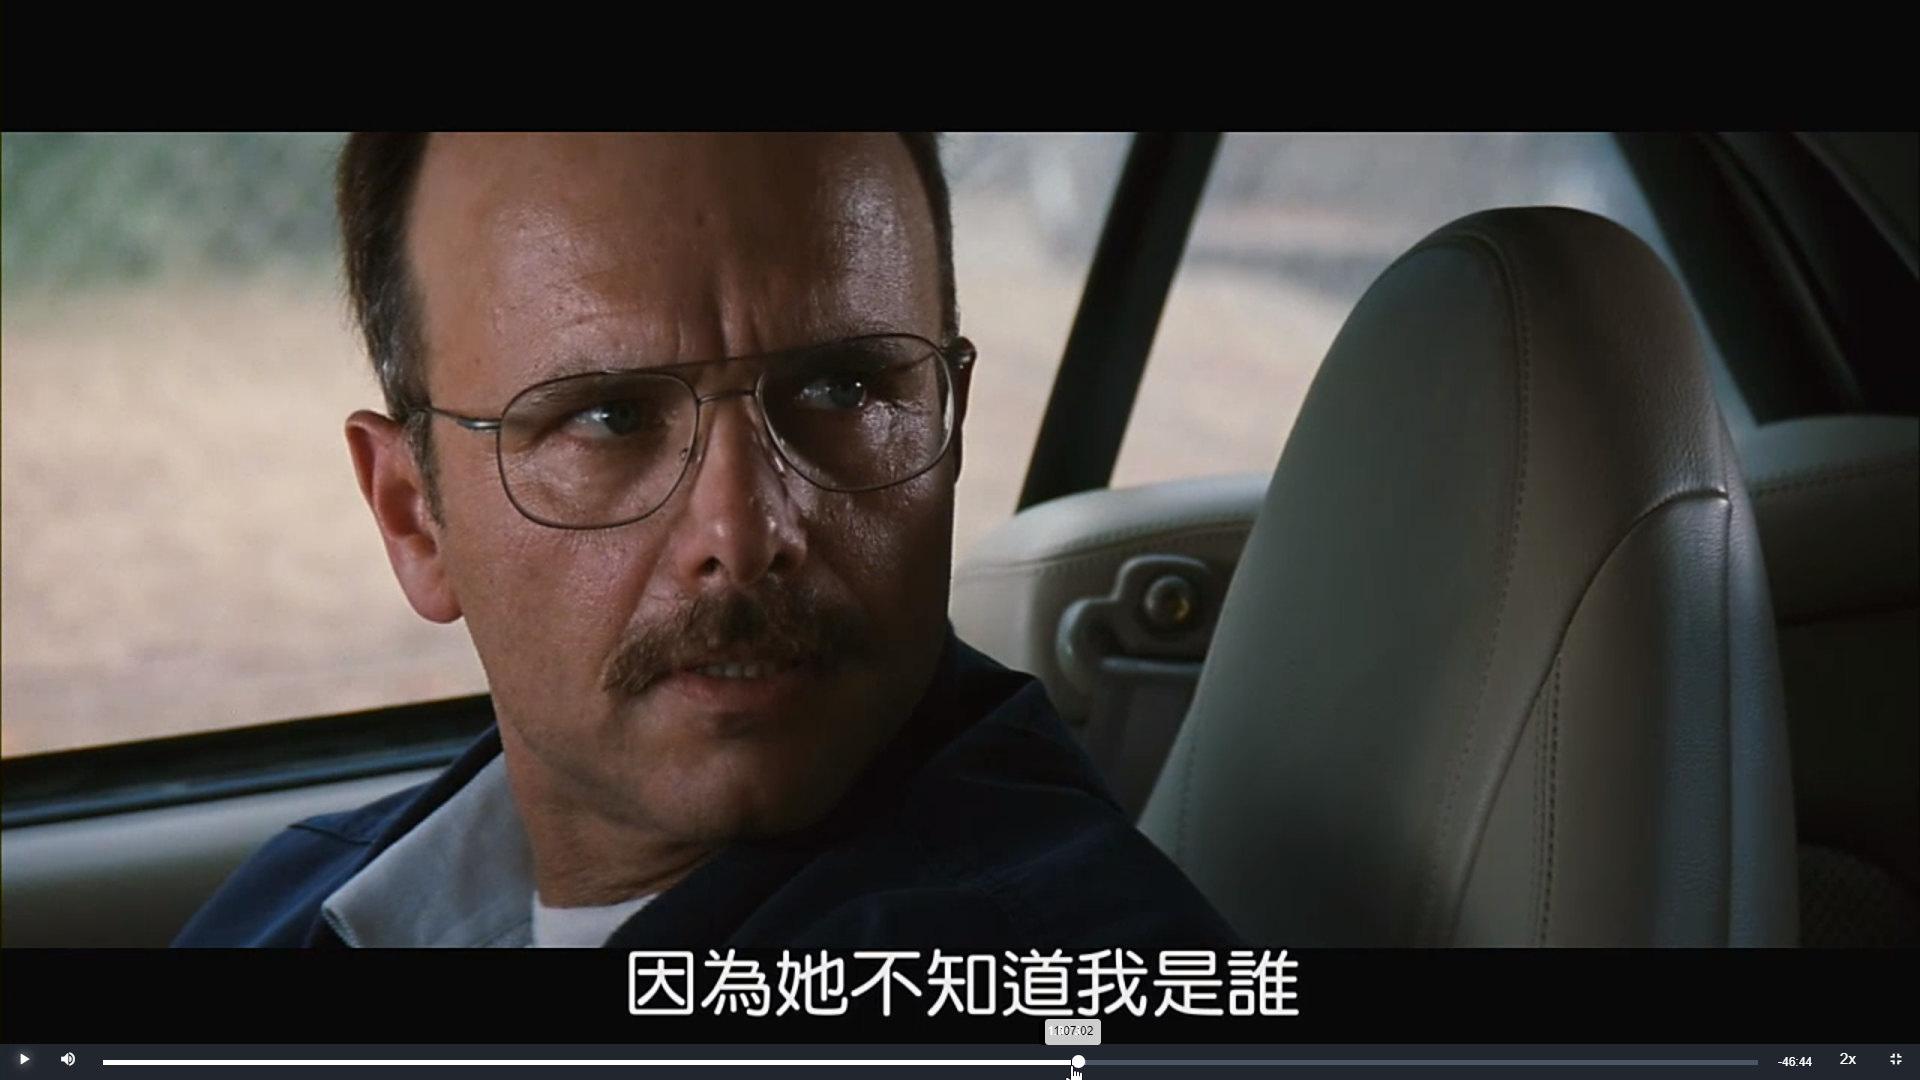 [感想] 電影-記憶拼圖 Memento (2000) 整理順序劇情&爭議討論-101.jpg